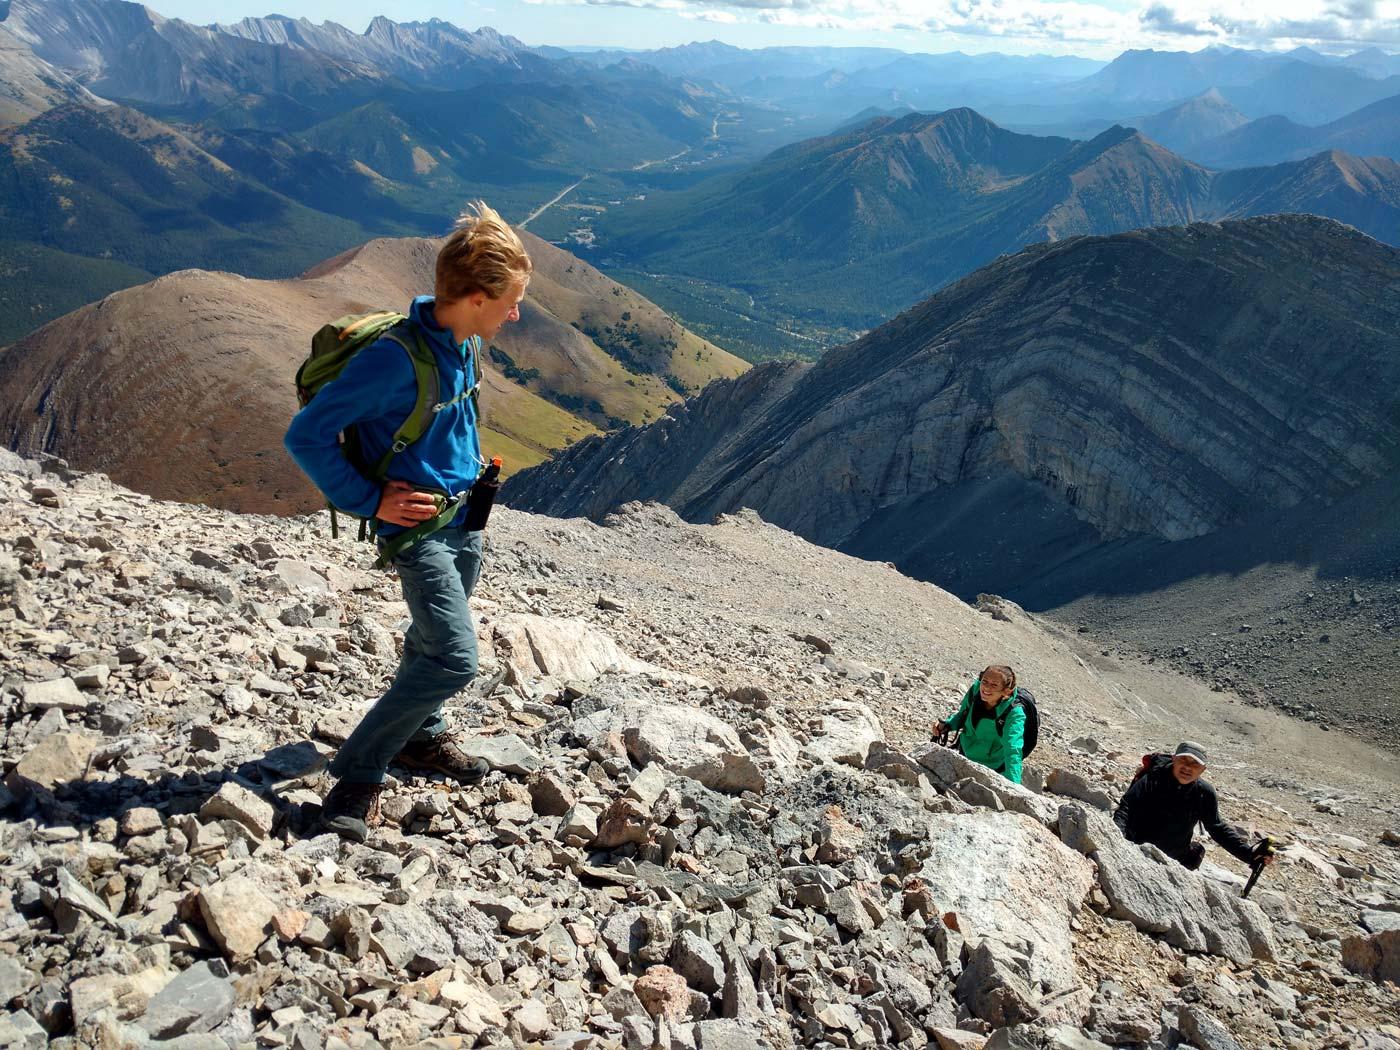 Adam, Anna and Mark Kucharski hiking up Mist Mountain in Kananaskis Country, Alberta, Calgary.